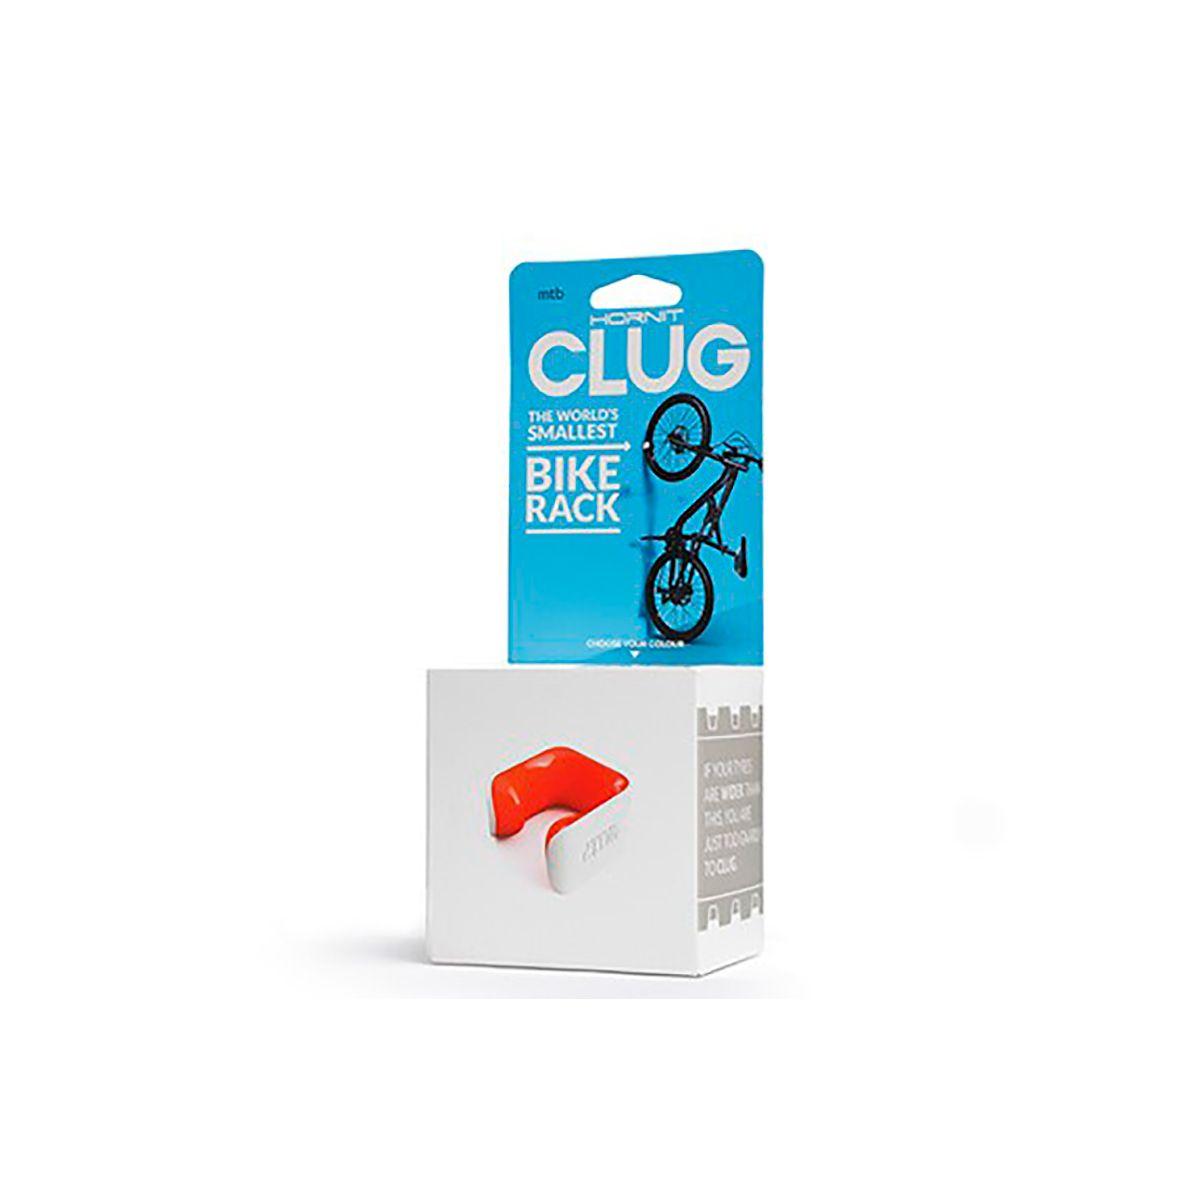 Suporte Parede Clug MTB - O menor Suporte de Parede do Mundo